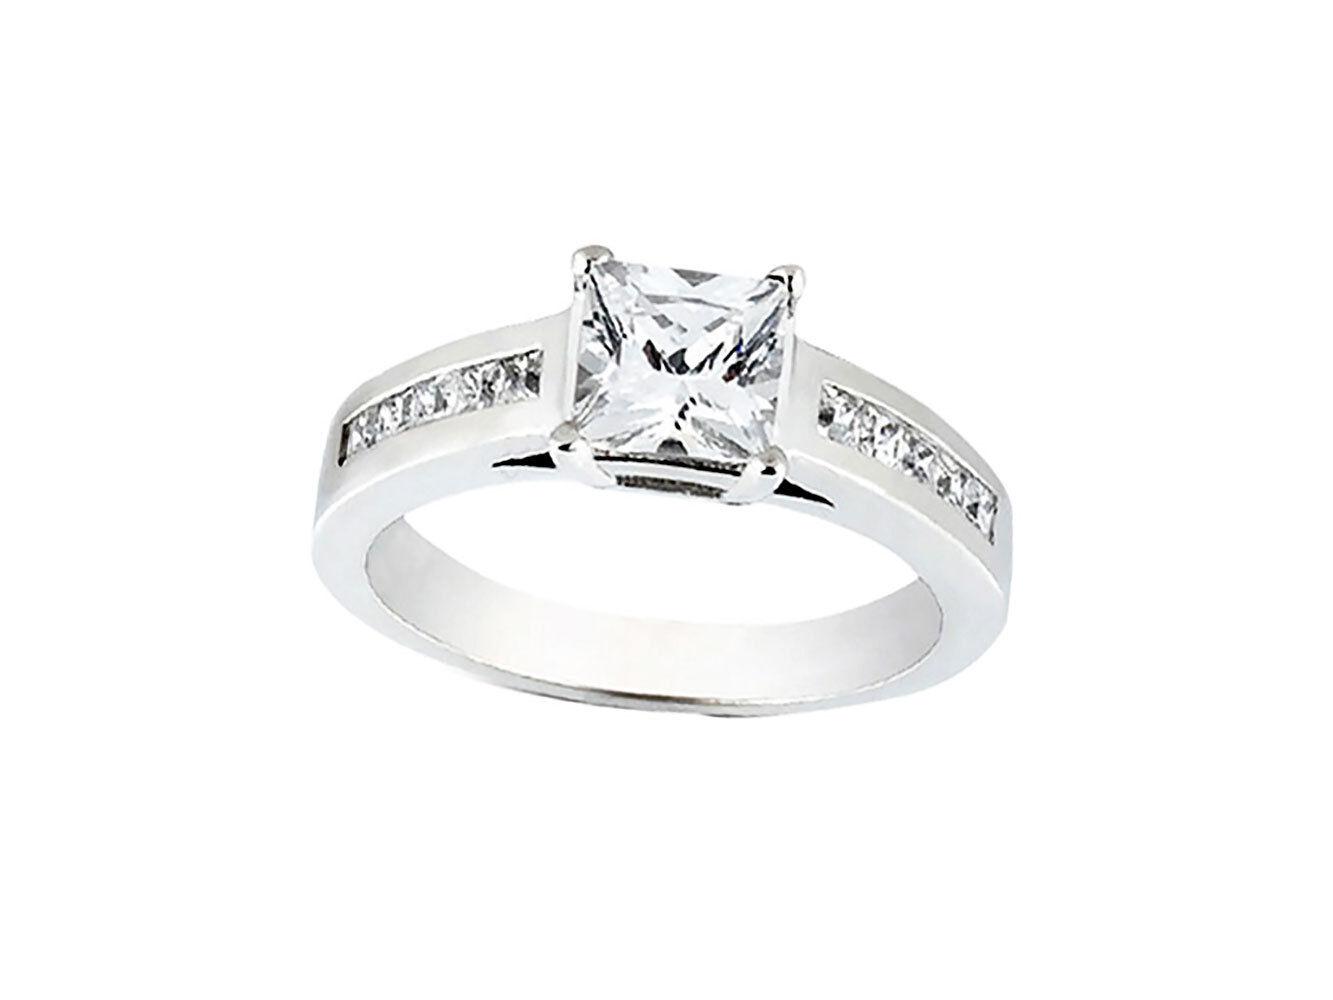 Ringe Uhren & Schmuck Trauringe Eheringe Aus 585 Gold Bicolor Mit Diamant & Gratis Gravur A19005920